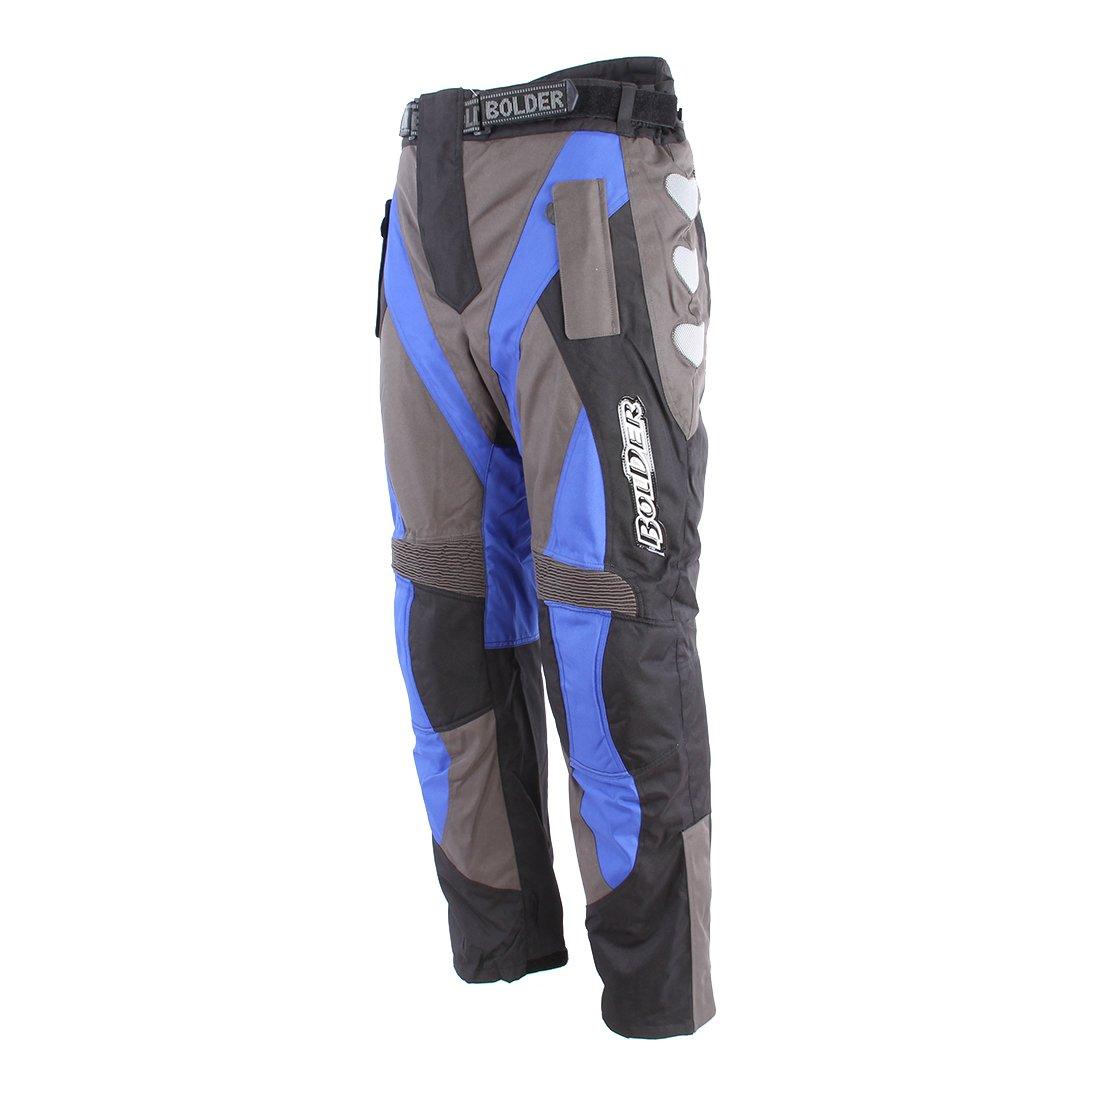 Pánské textilní kalhoty BOLDER Enduro 2066 (šedo/modré) L